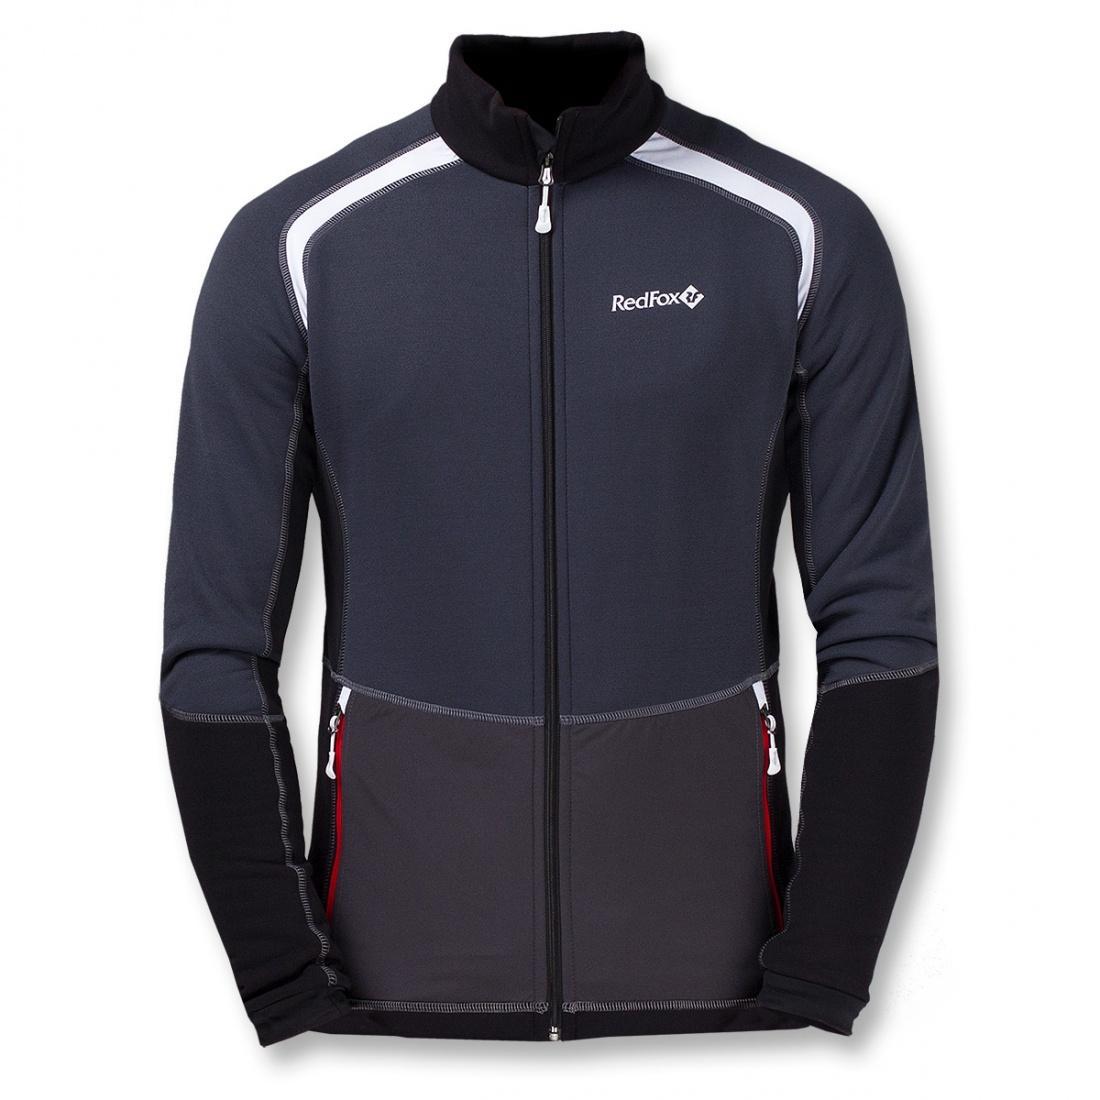 Куртка St.Line МужскаяКуртки<br><br><br>Цвет: Темно-серый<br>Размер: 46